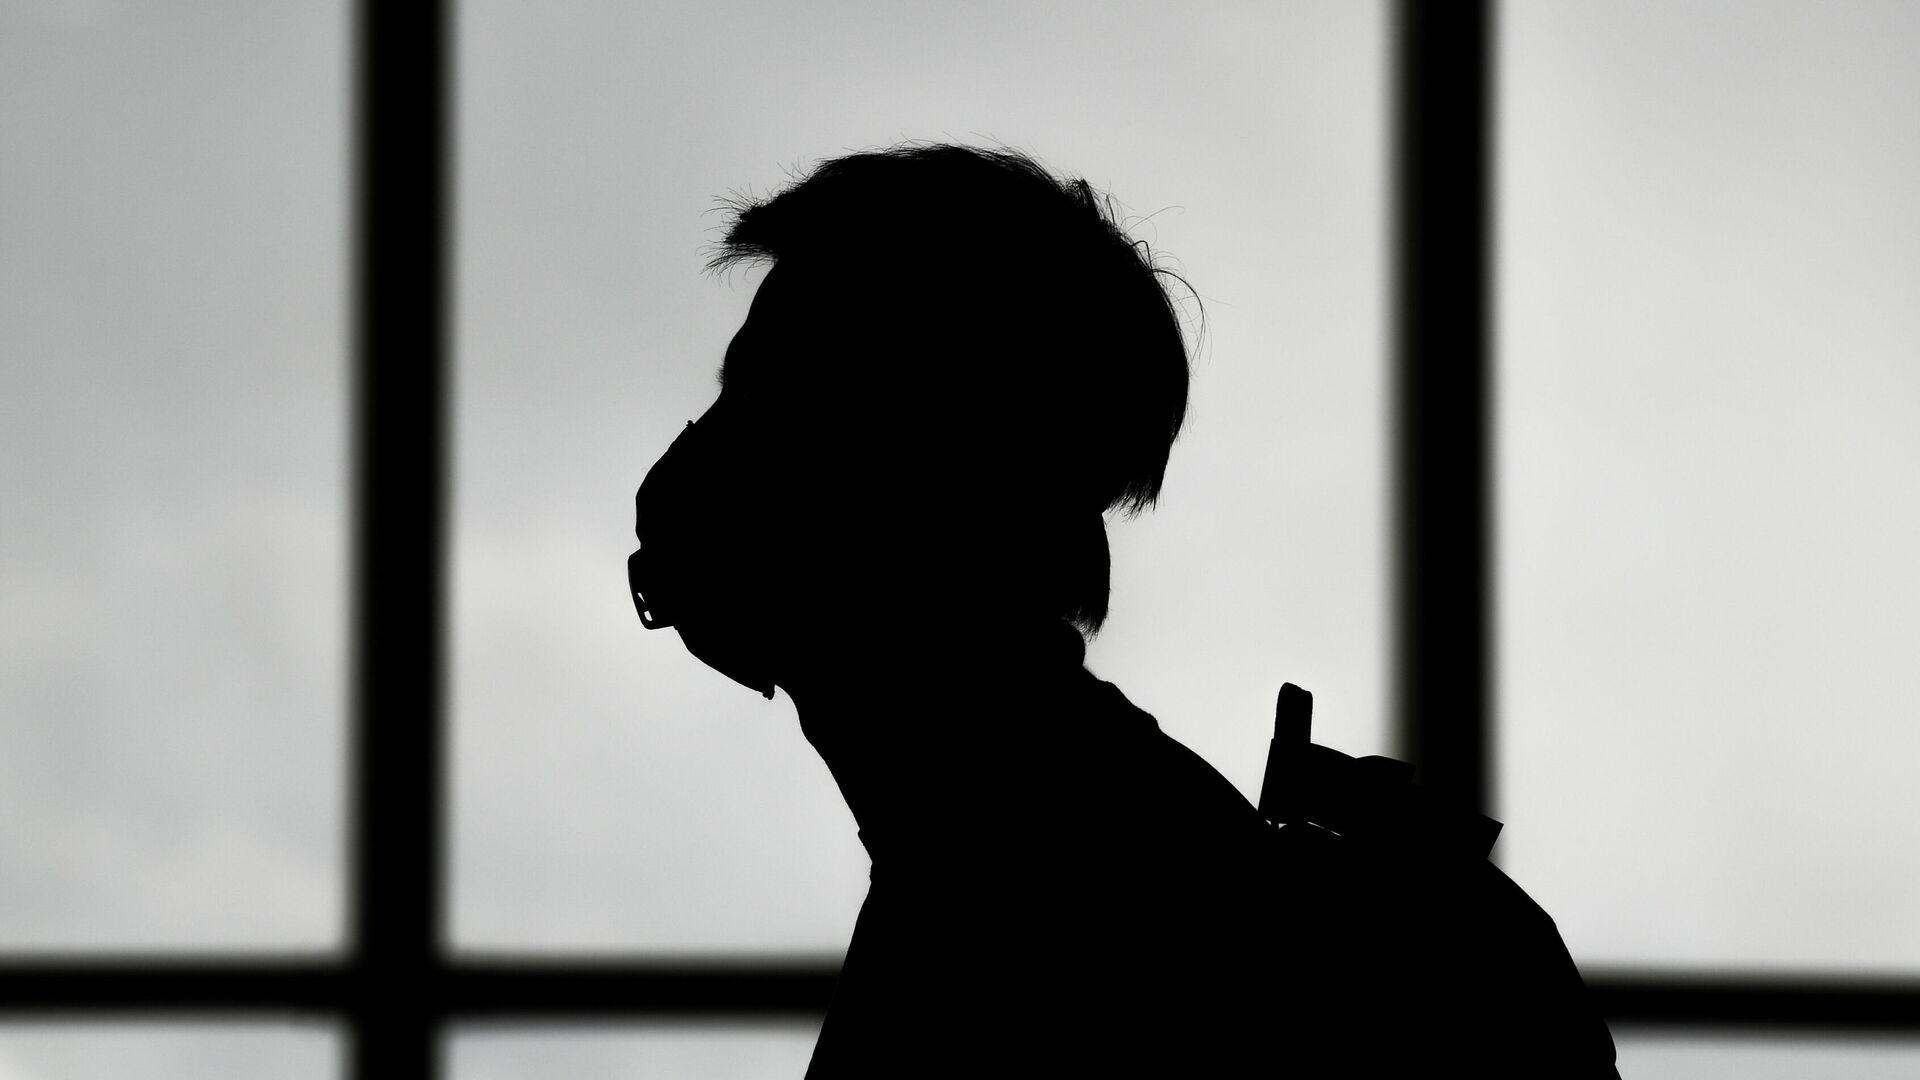 Пассажир в аэропорту Шереметьево в Москве - РИА Новости, 1920, 18.01.2021